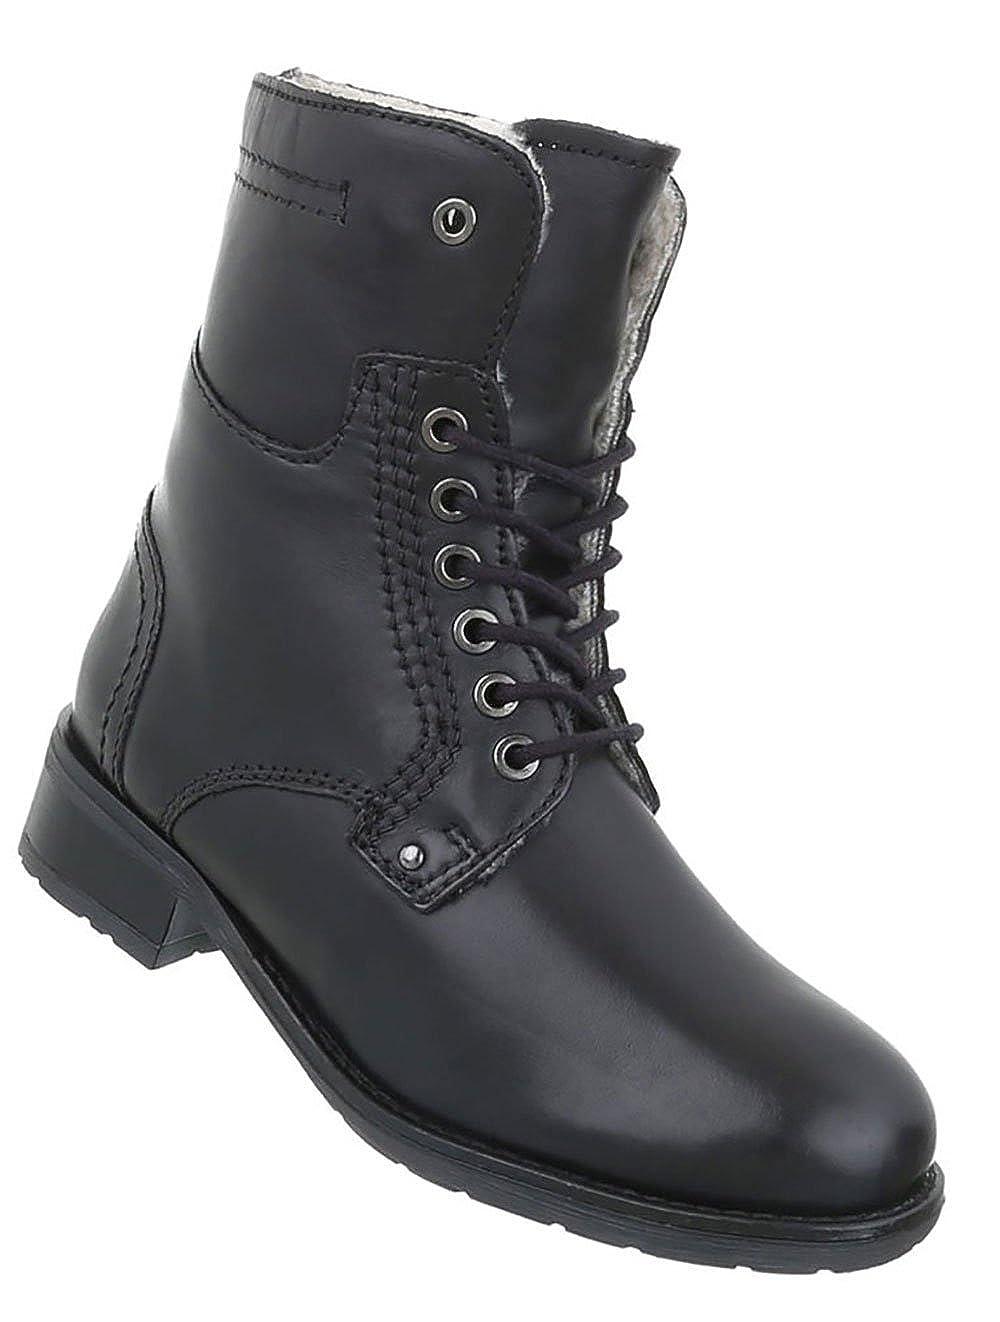 Damen Schuhe Stiefeletten Leder Schnür Stiefel